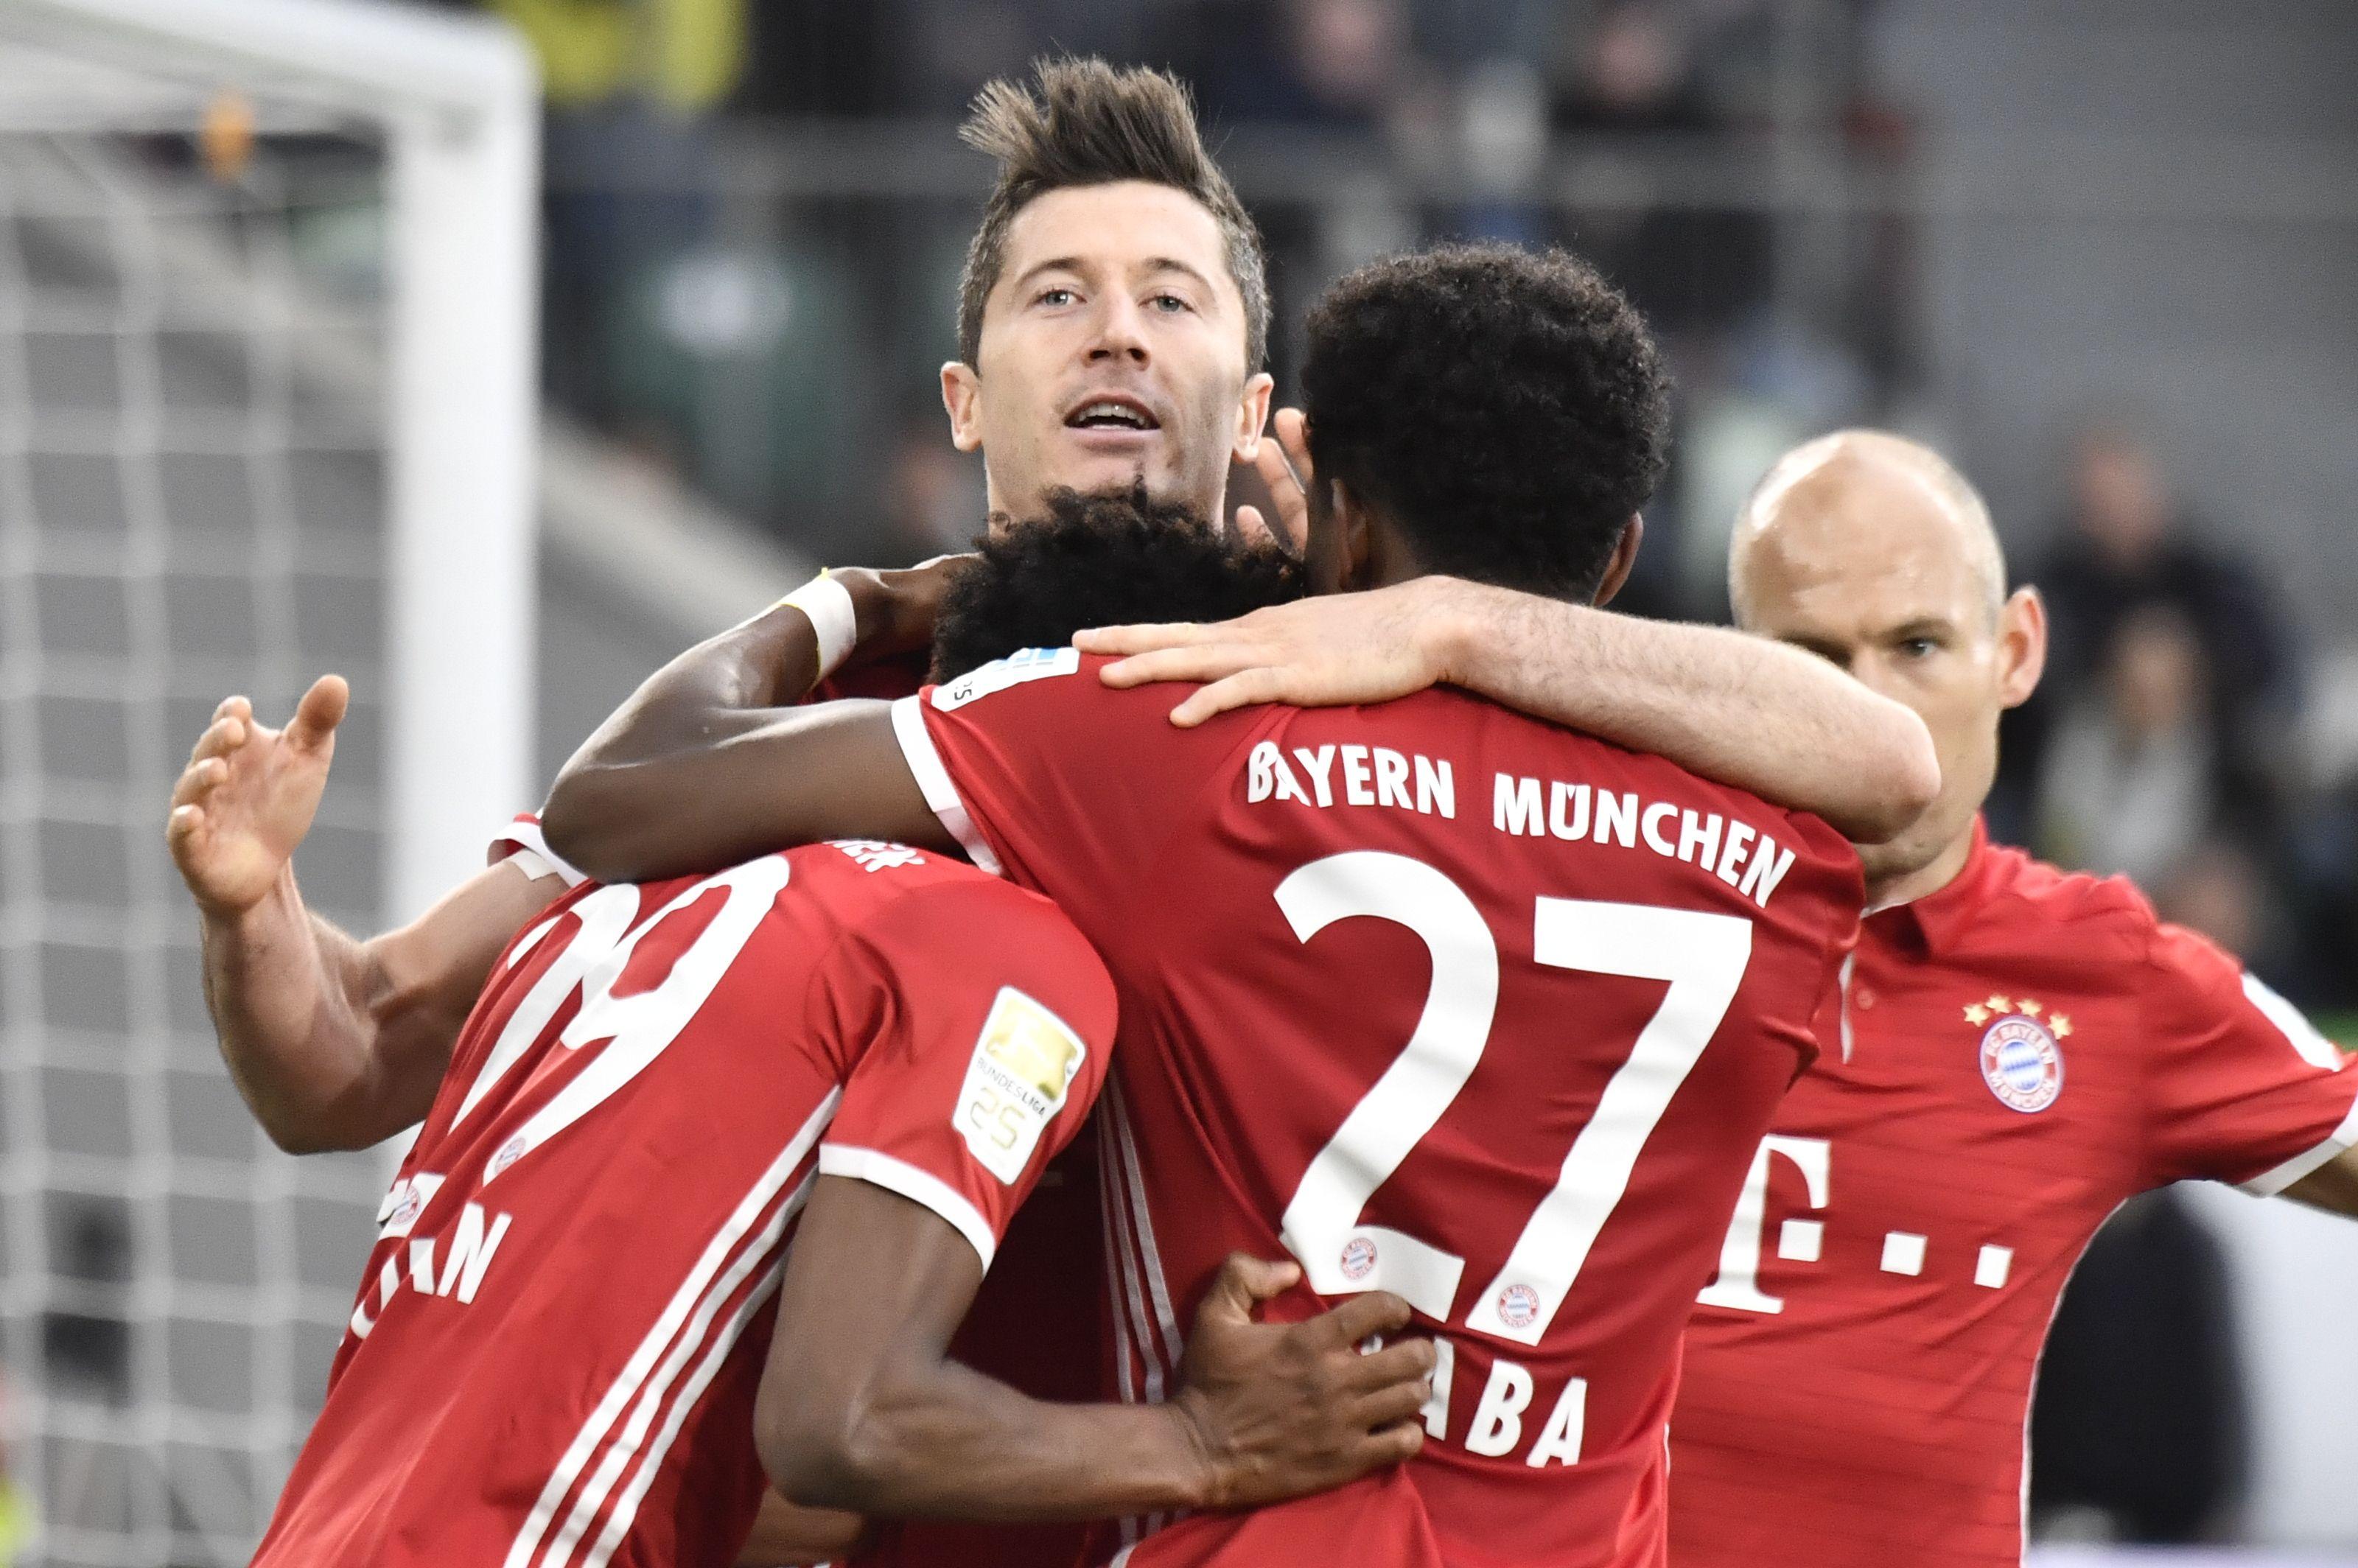 Bayern Munich win Bundesliga title after 6-0 demolition of Wolfsburg